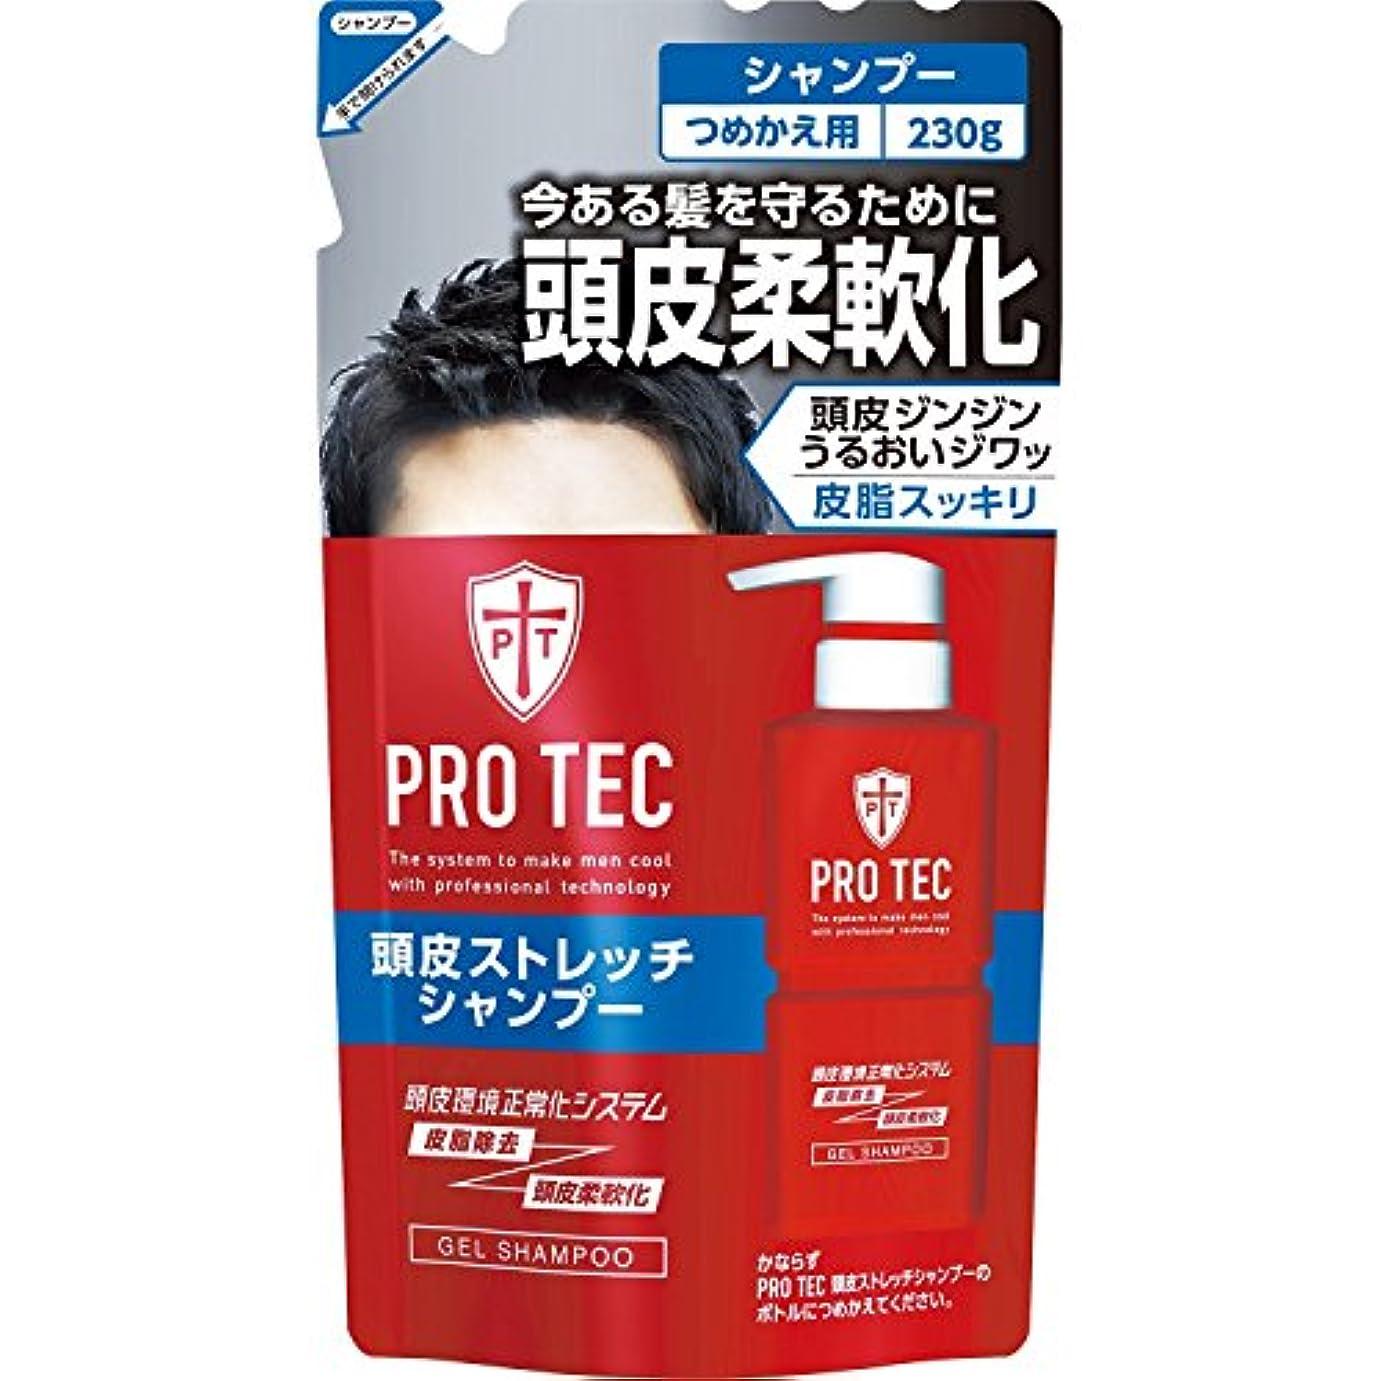 標準移植イルPRO TEC(プロテク) 頭皮ストレッチ シャンプー 詰め替え 230g(医薬部外品)